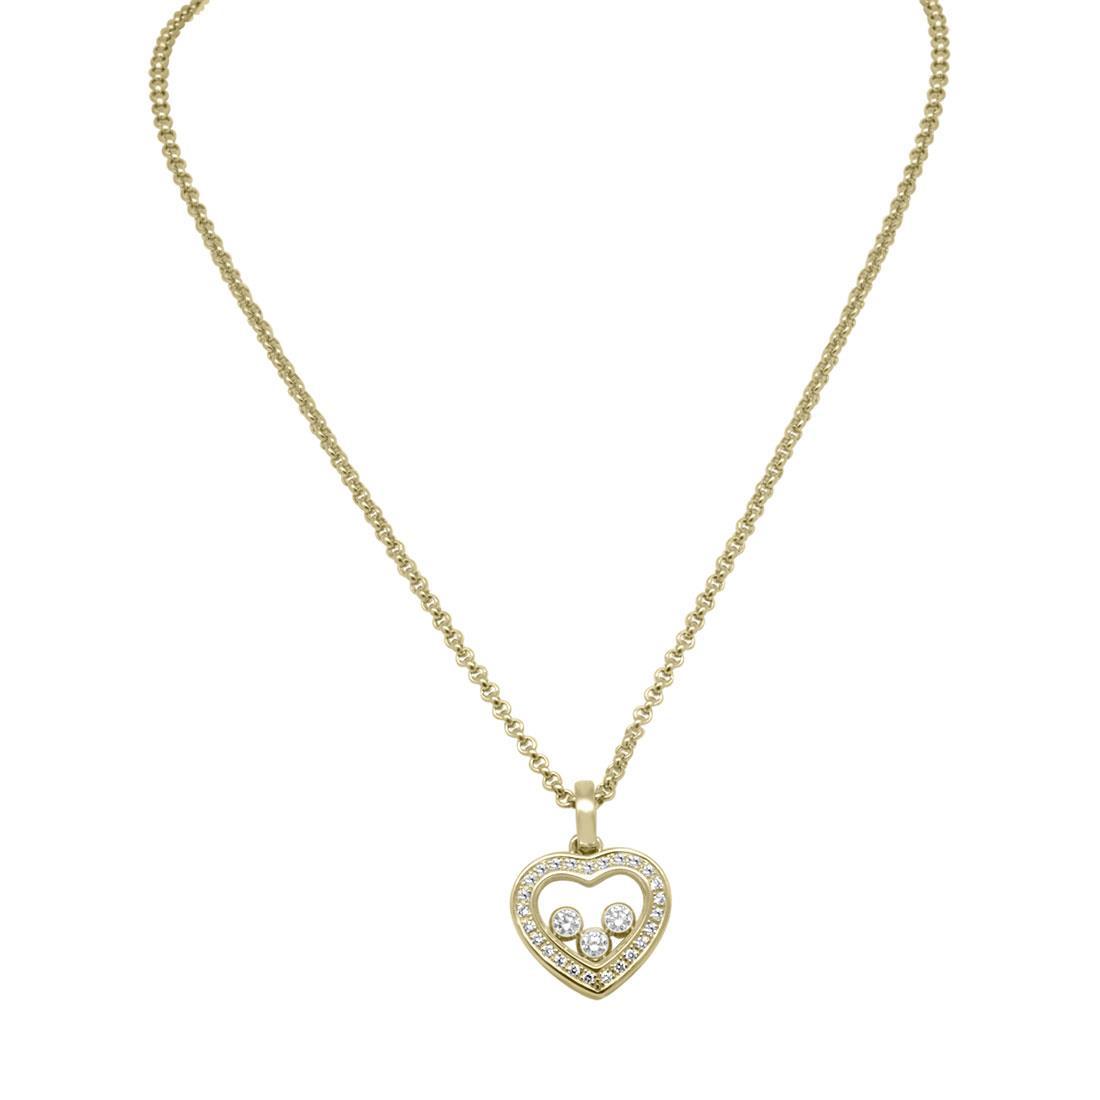 Collana in oro giallo con diamanti ct 0.27 - CHOPARD